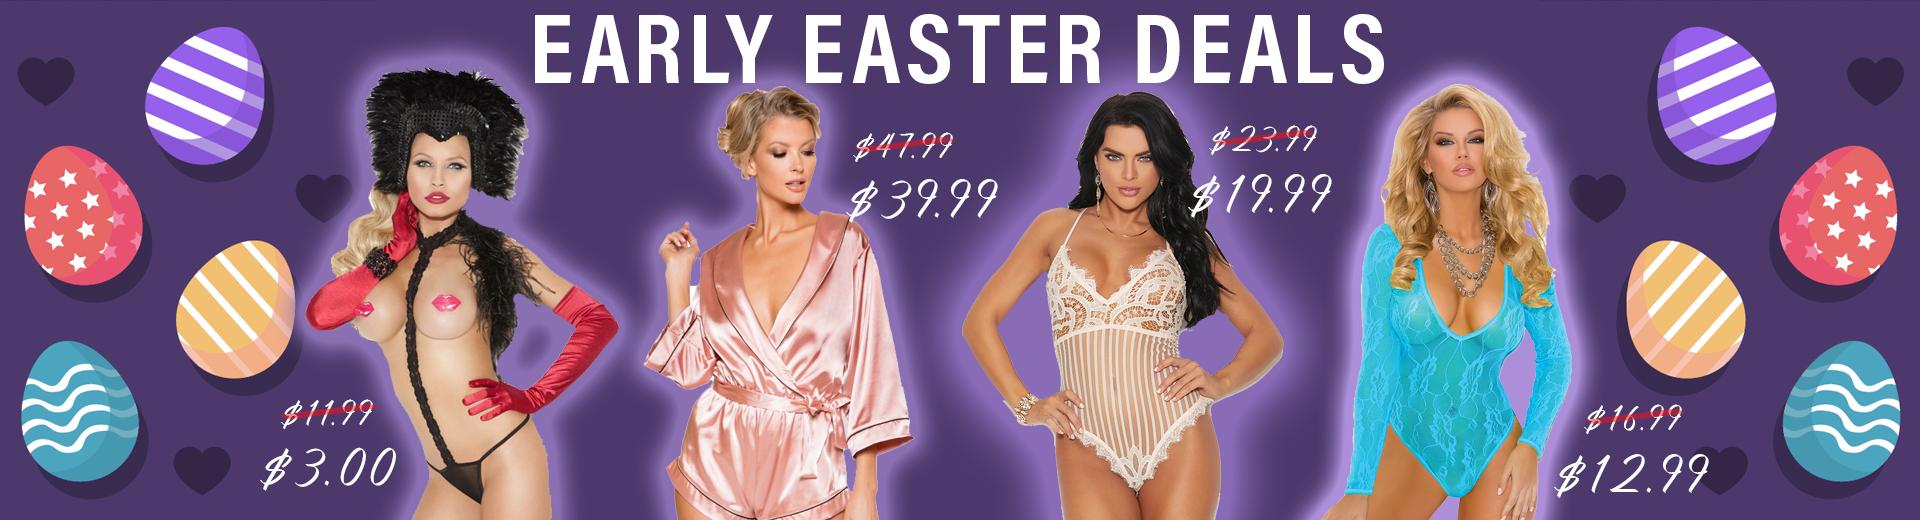 super deals Easter 2019 MyStripperCloset.com